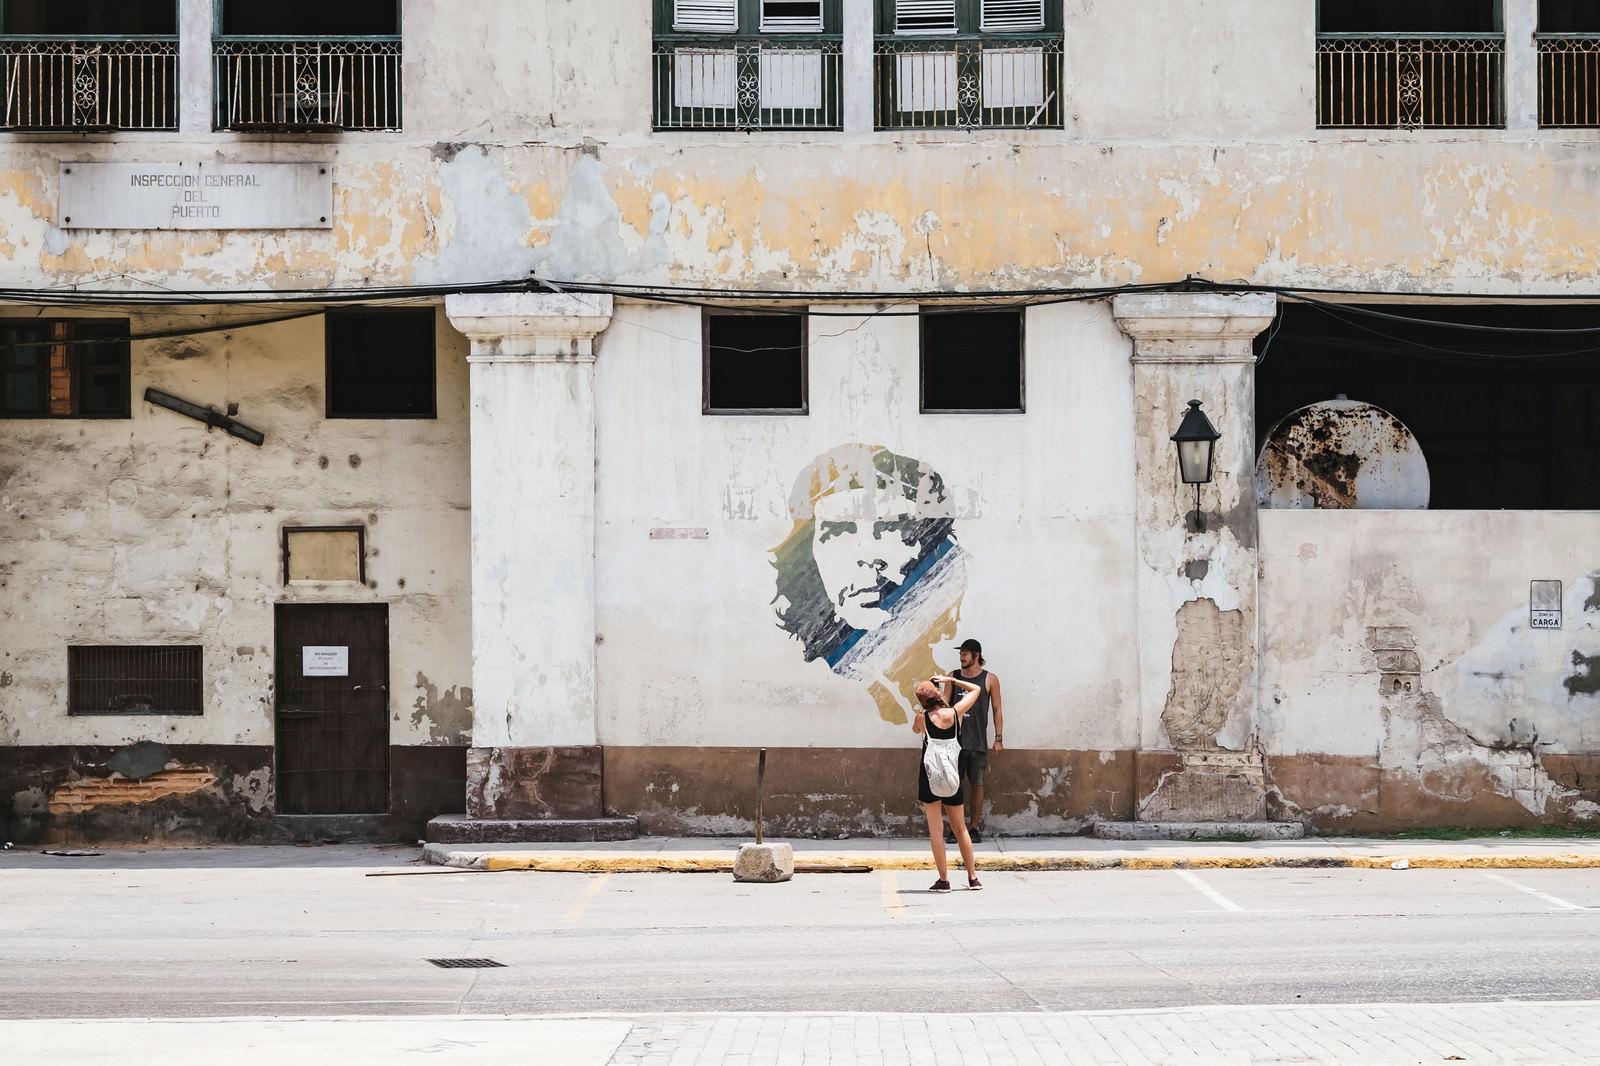 「チェ・ゲバラが描かれた壁画の前で写真を撮る観光客(ハバナ)」の写真